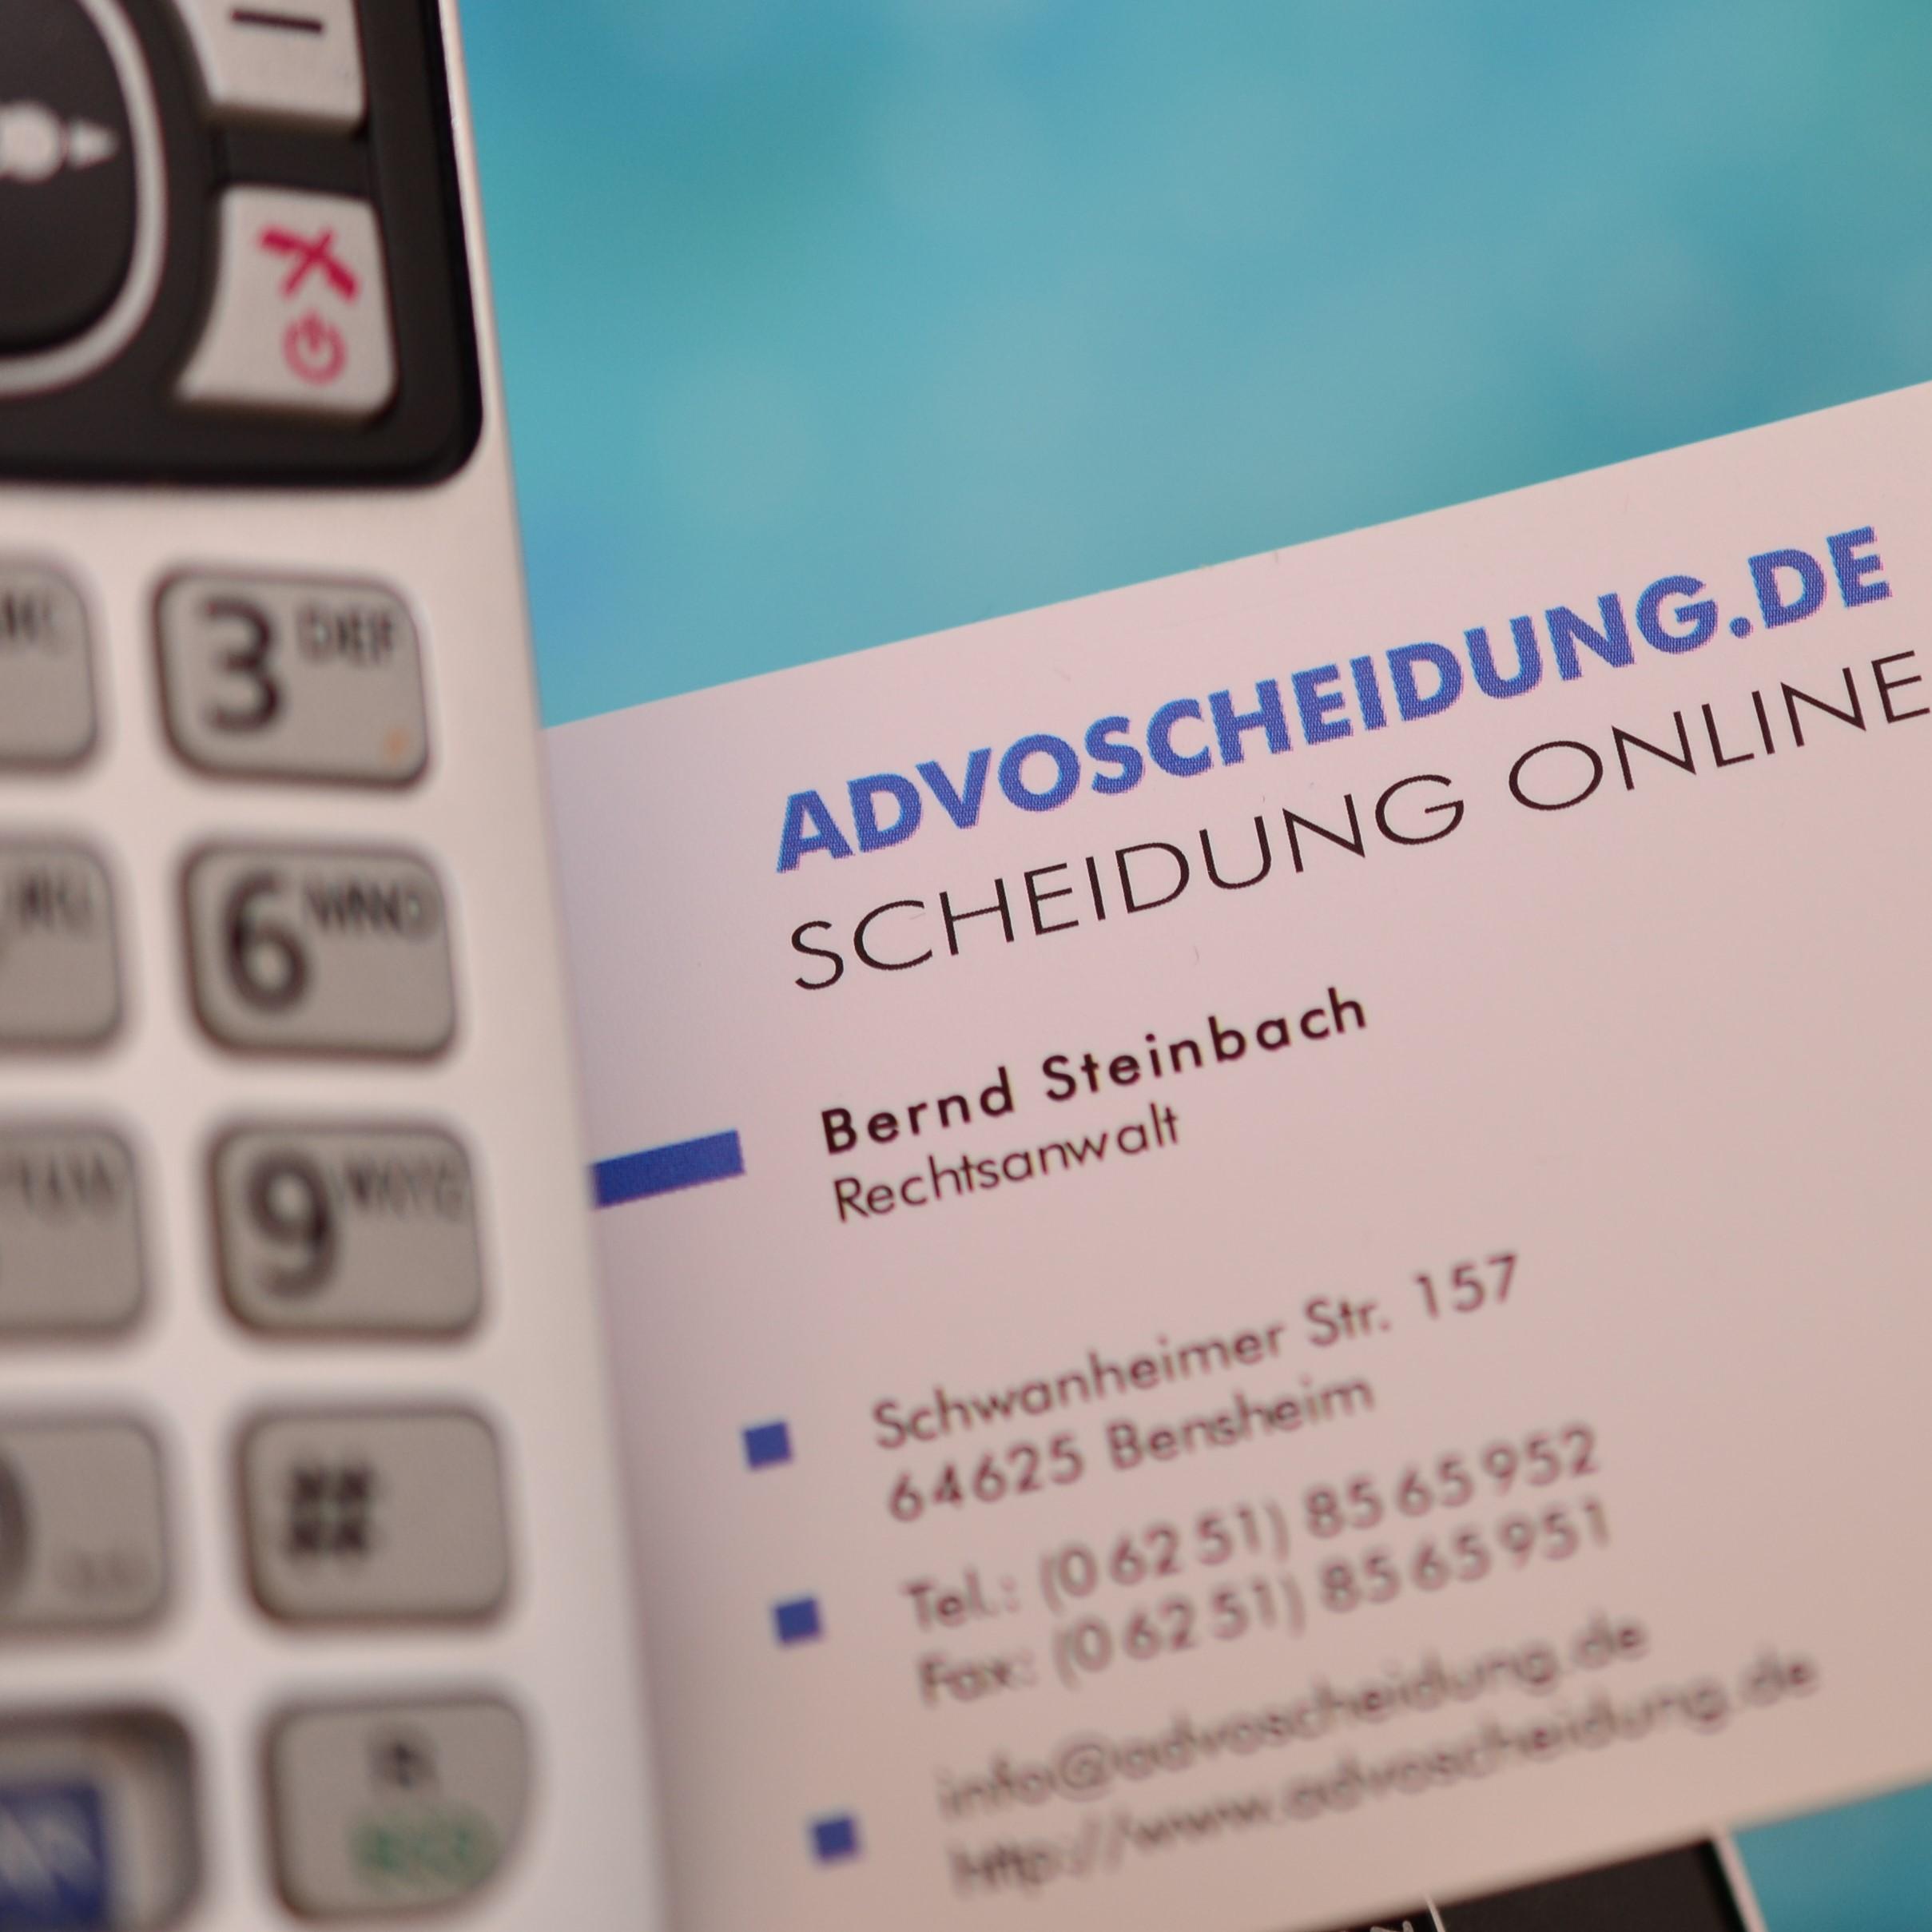 Scheidung einreichen - Rechtsanwalt informiert Sie zum Ablauf und den Kosten